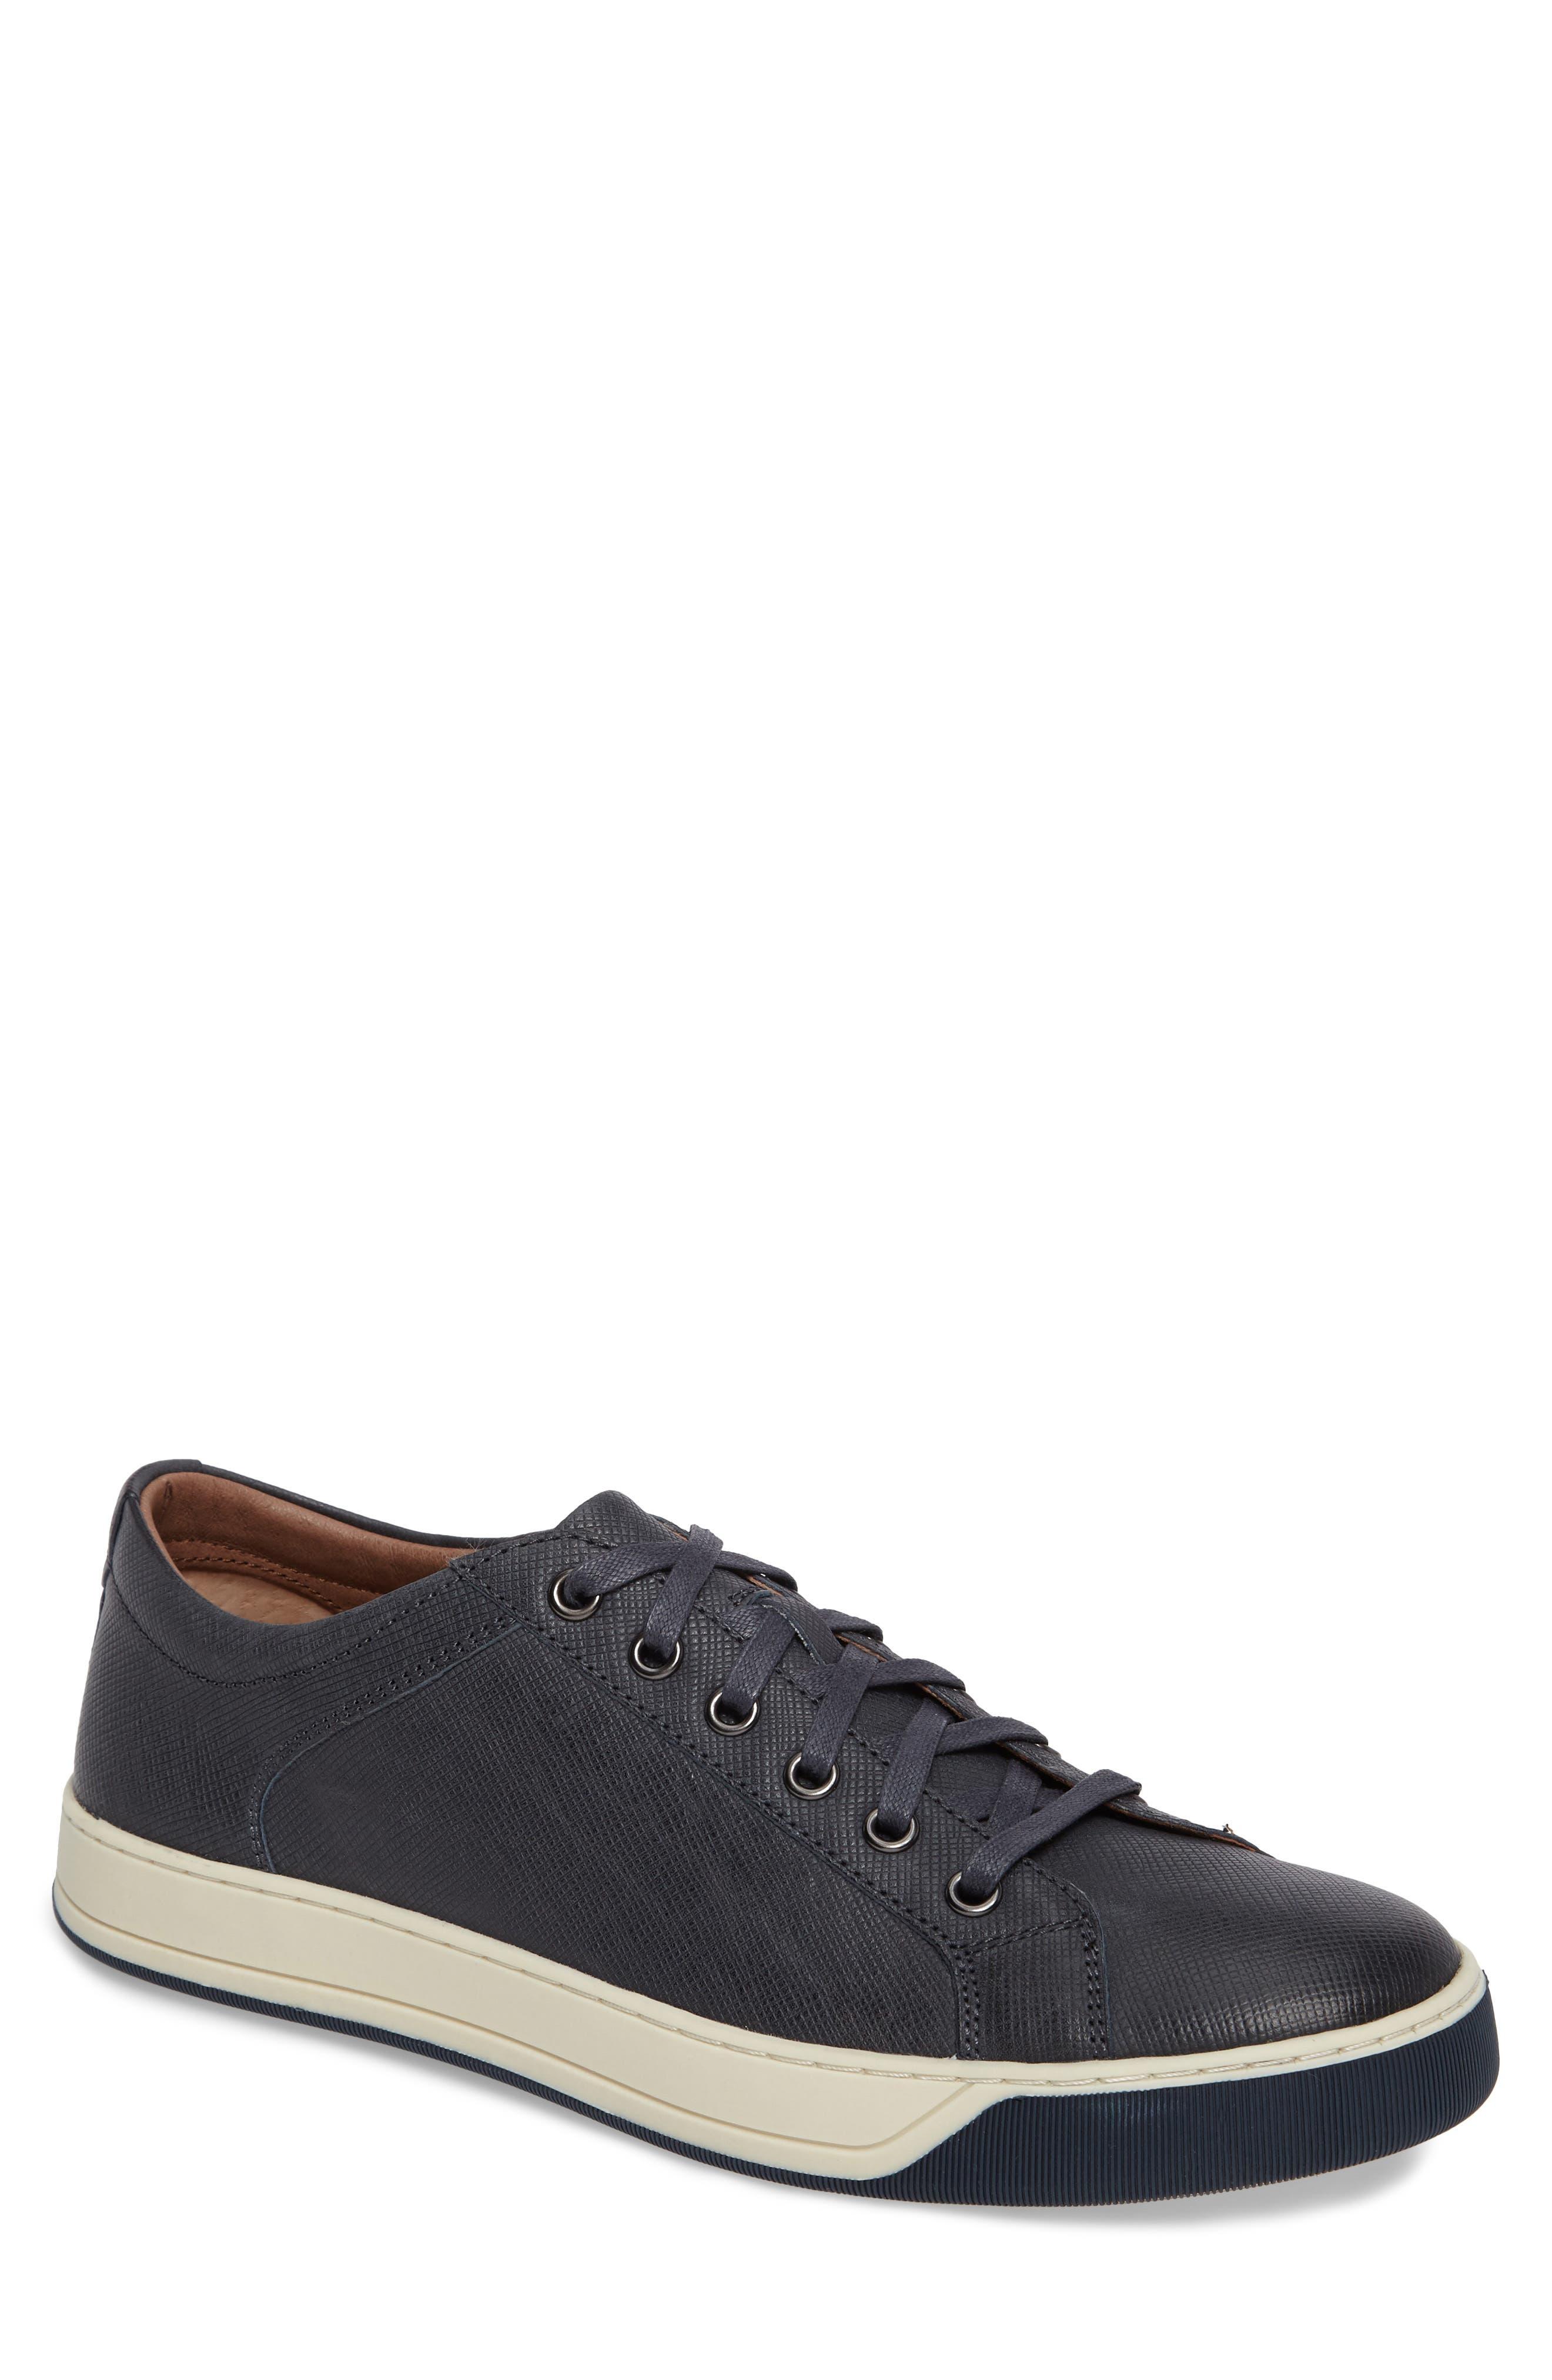 J & m 1850 Allister Sneaker- Blue